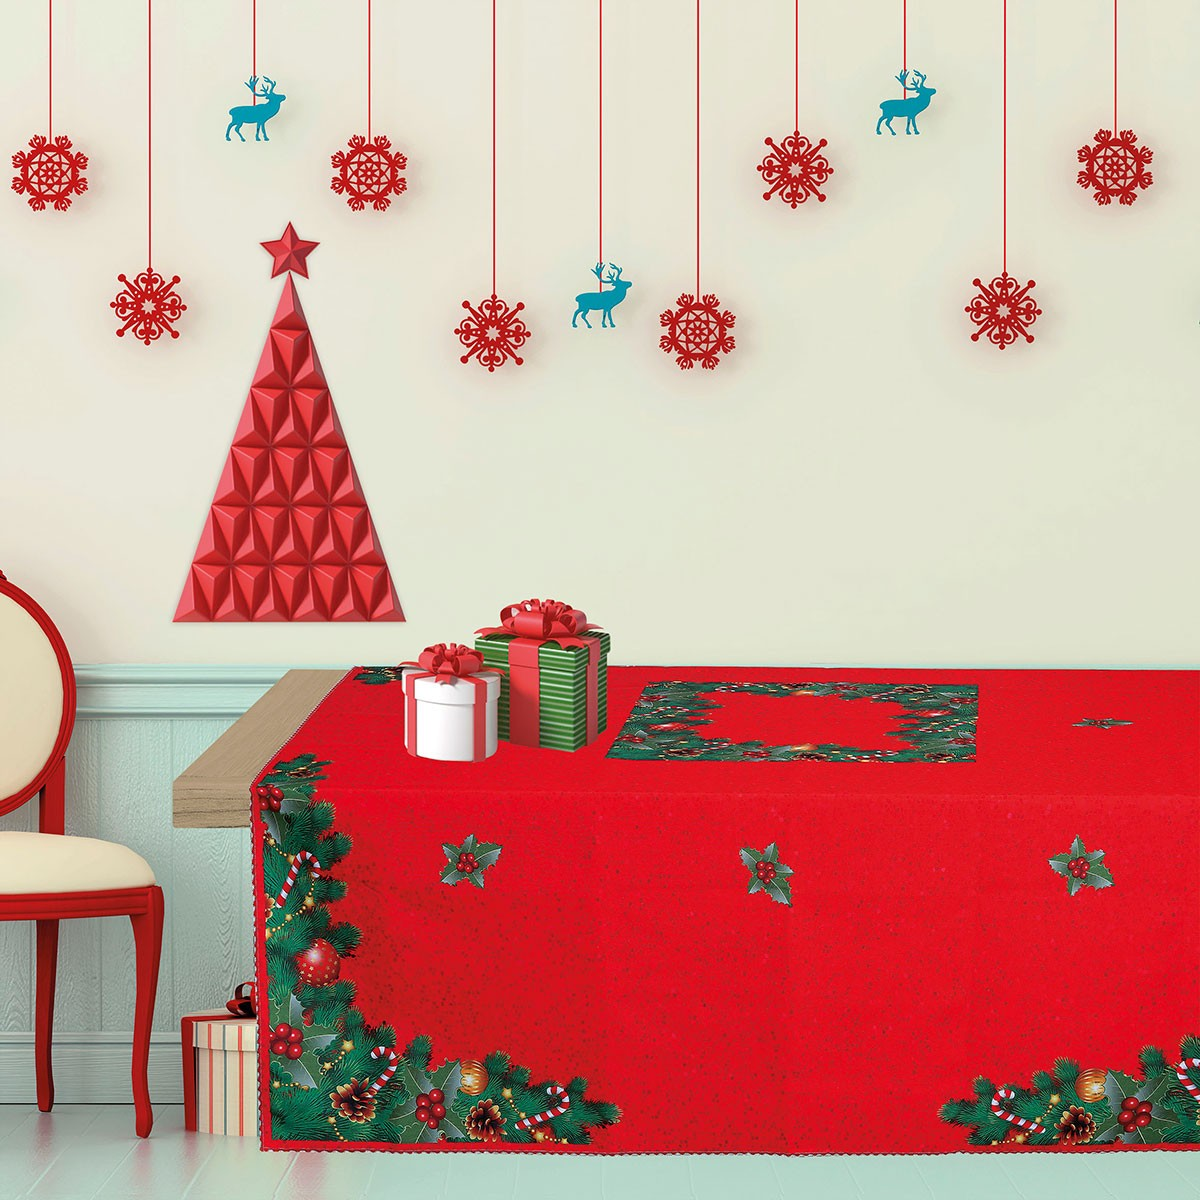 Χριστουγεννιάτικο Τραπεζομάντηλο (140×180) Das Home Kitchen 535